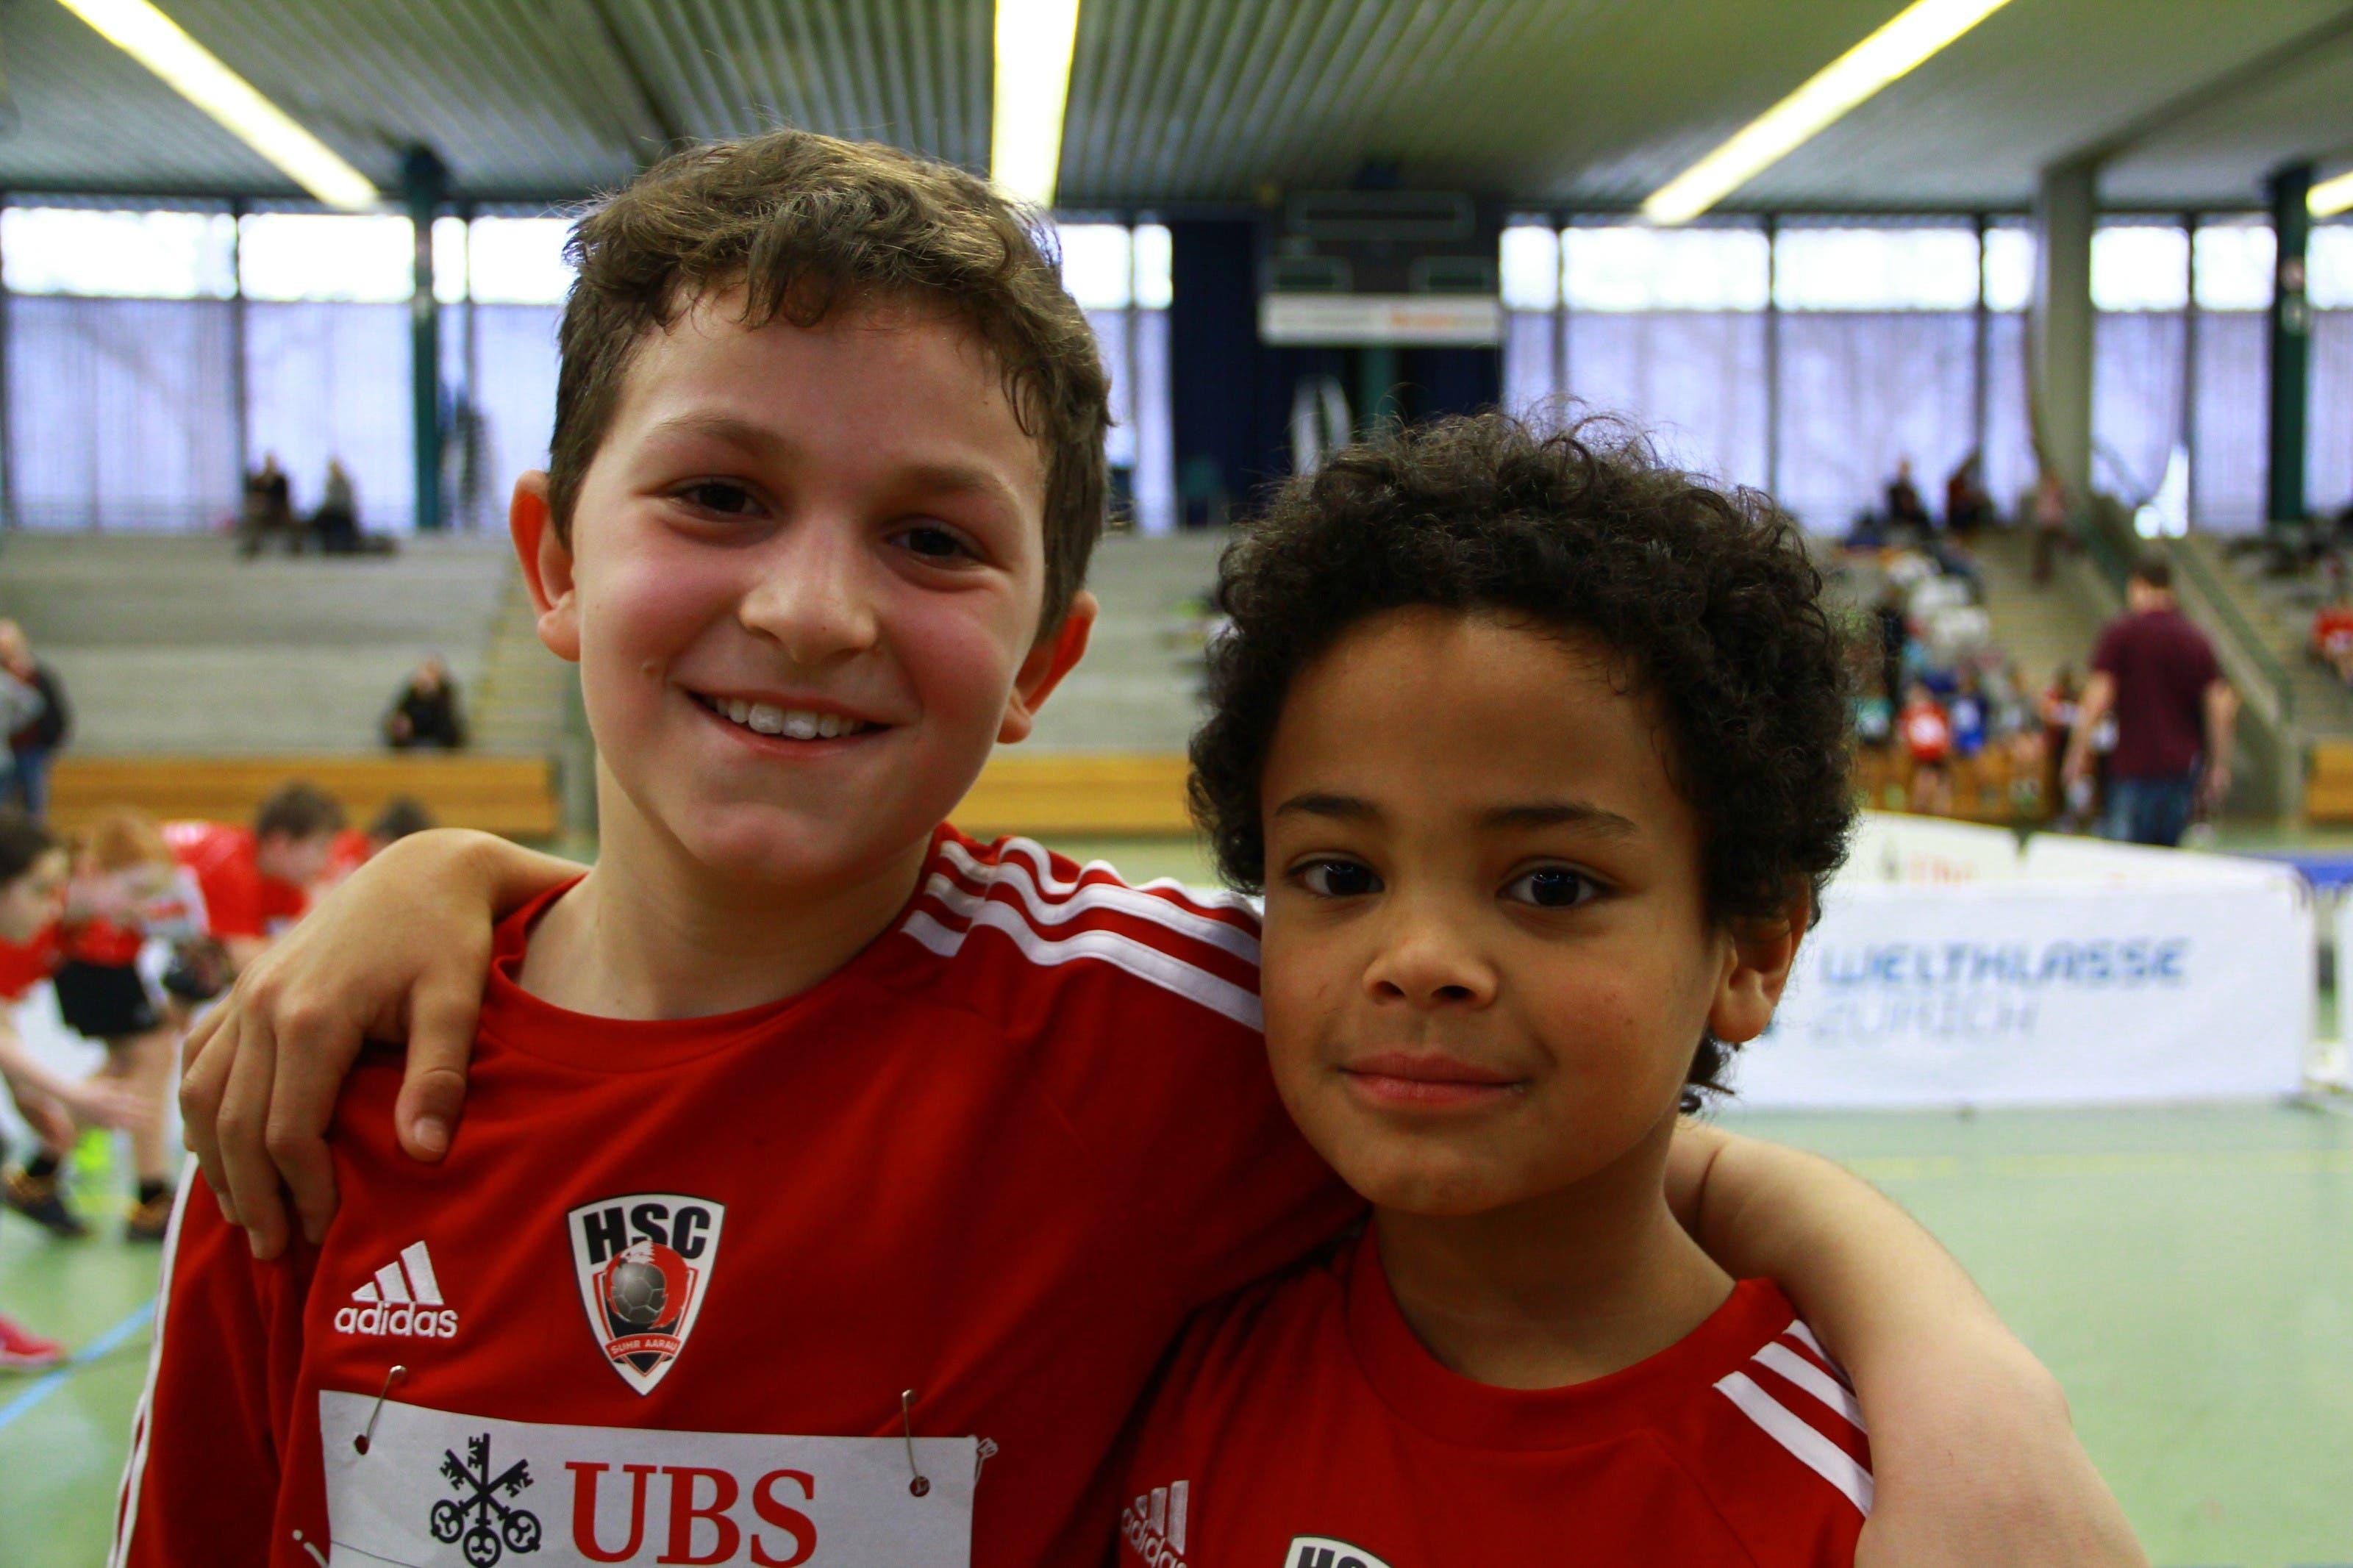 Nico Francescetti (10, l.) und Ruben Gadola (10) Aarau «Normalerweise spielen wir zweimal die Woche Handball, heute haben wir uns in der Leichtathletik versucht. Am schlechtesten waren wir wohl im Weitsprung. Dafür haben wir die Leichtathleten im Sprint abgehängt..!»